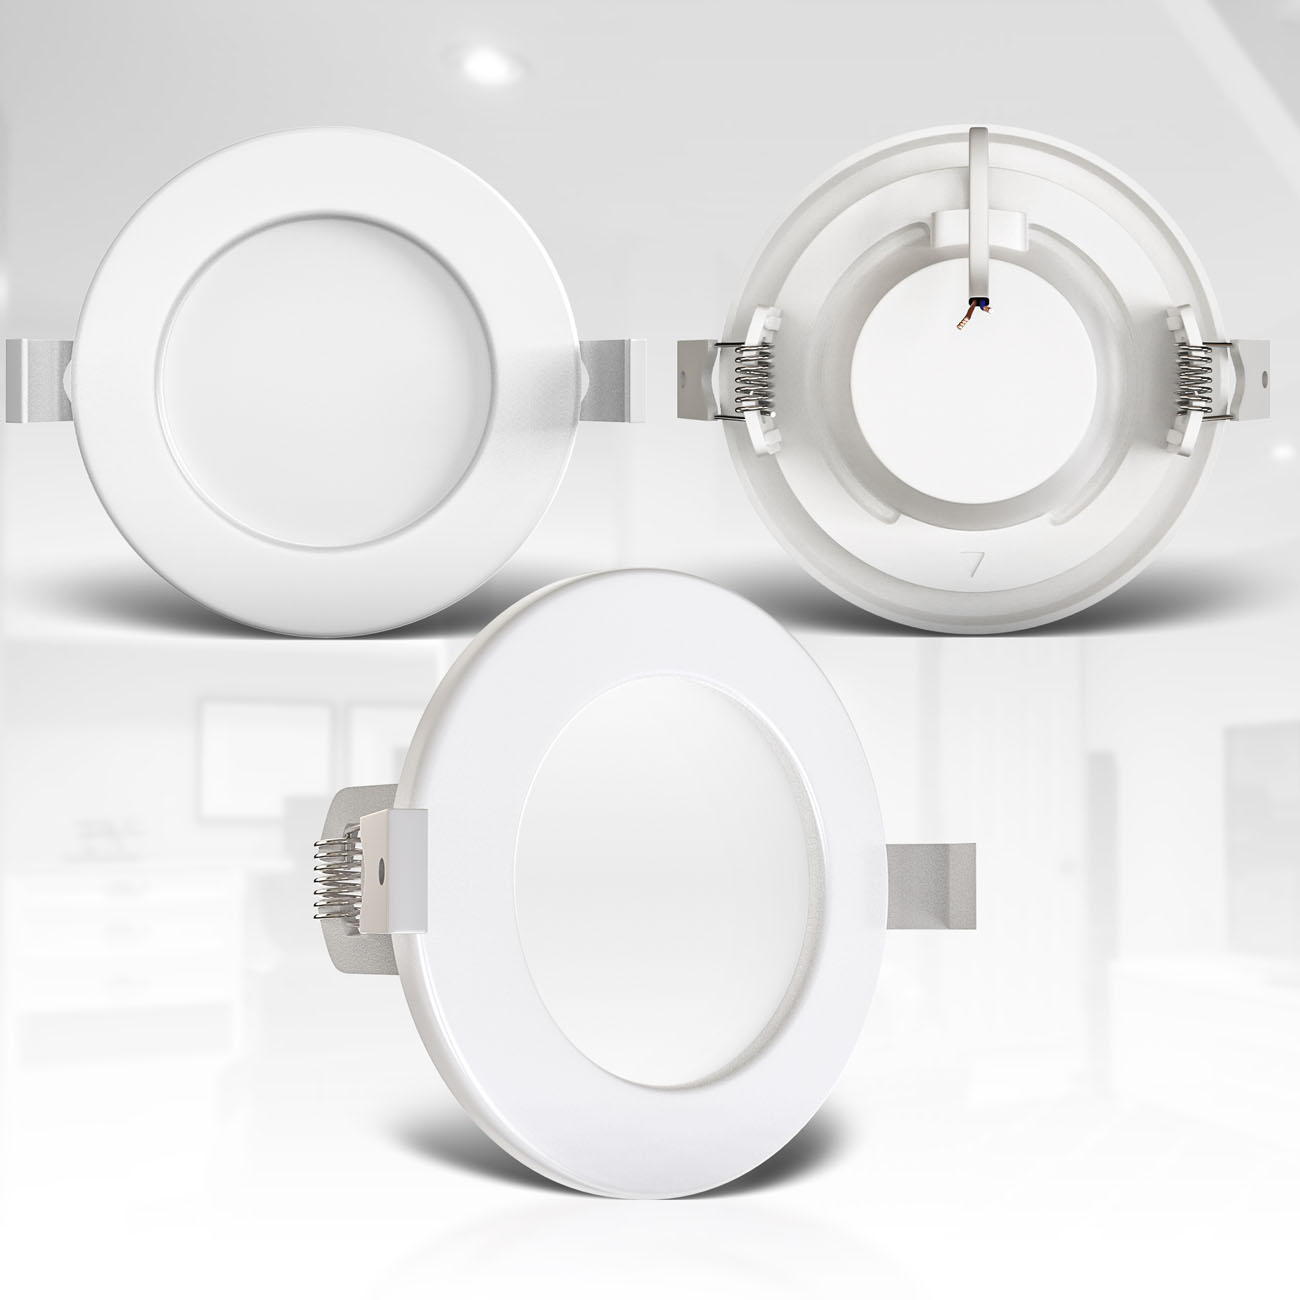 LED Einbaustrahler | Bad Einbauleuchte 6er SET | ultra flach 6W IP44 - 6